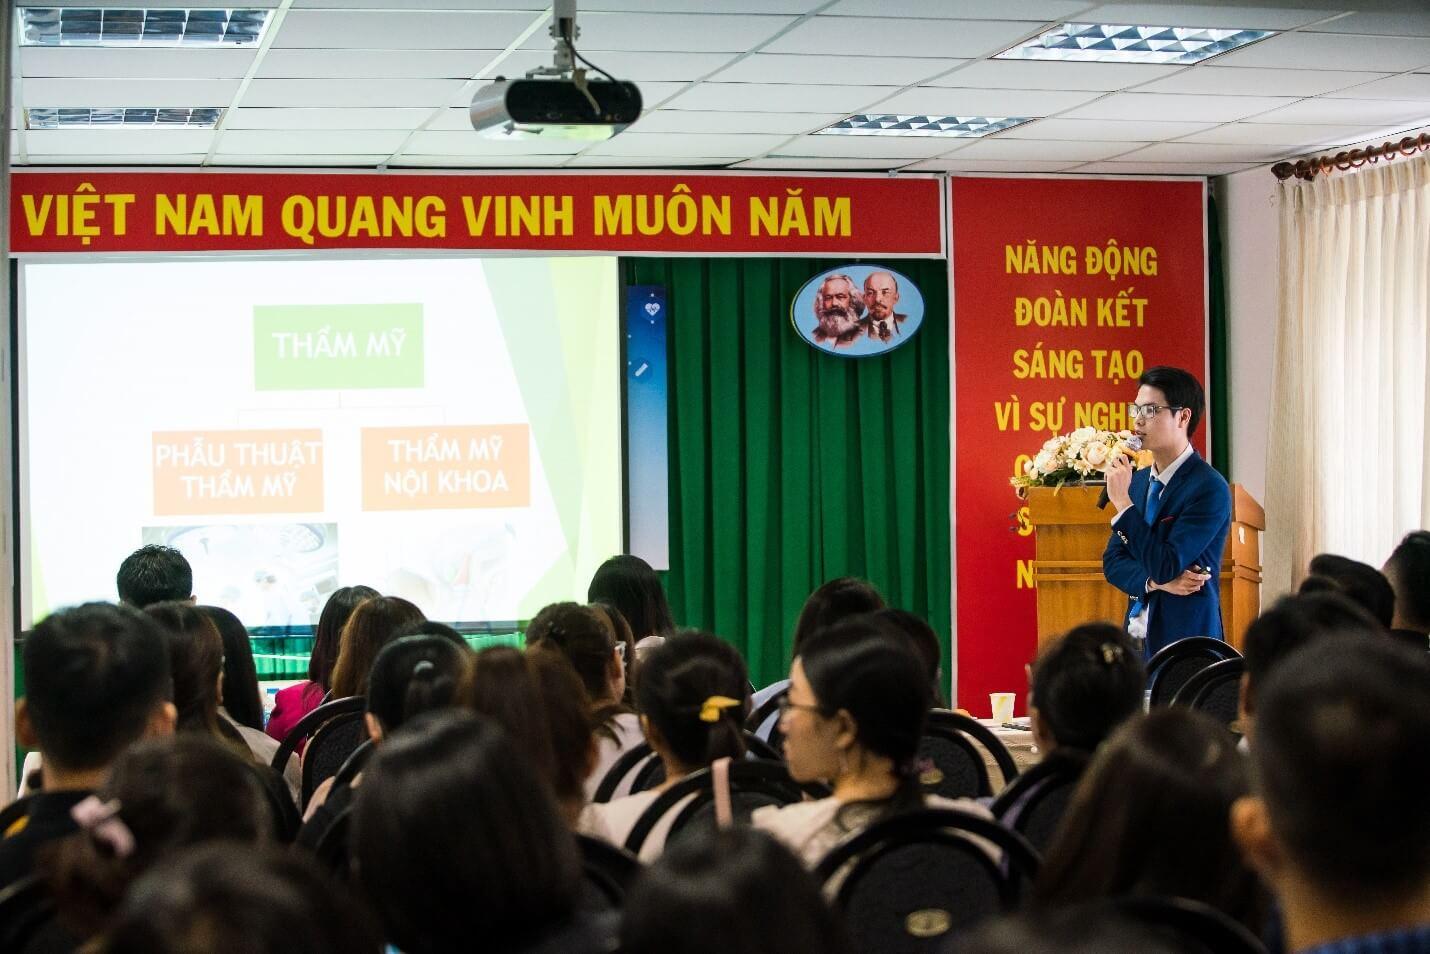 Bác sĩ Trịnh Quang Thế trình bày về cách lý biến chứng trong da liễu thẩm mỹ